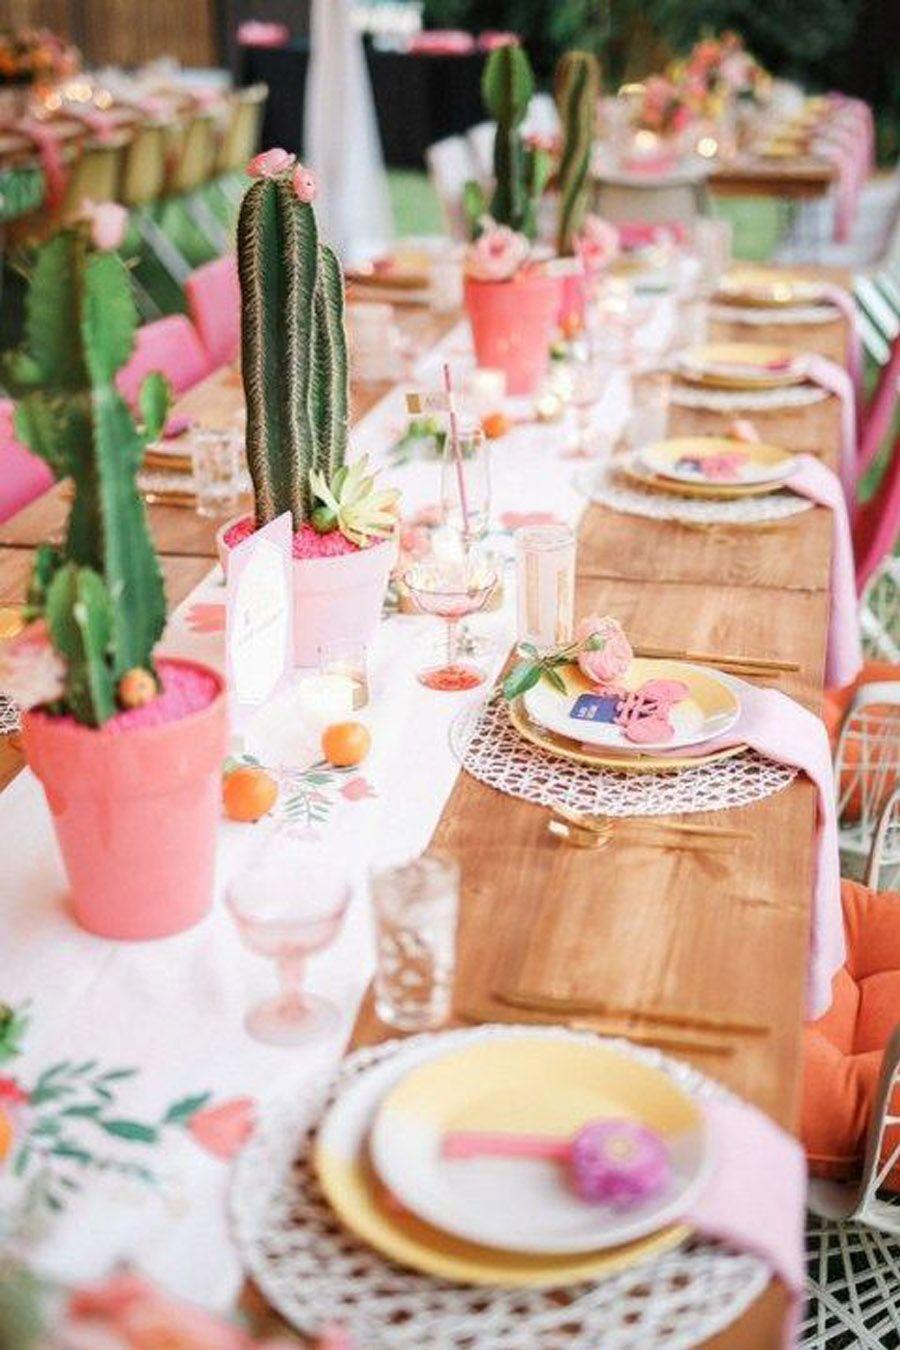 Inspiracin cactus te atreves tu boda y cactus nueva tendencia cactus para decorar tu boda te atreves httpunabodaoriginalblogdonde como y cuandodecoracion inspiracion cactus altavistaventures Gallery